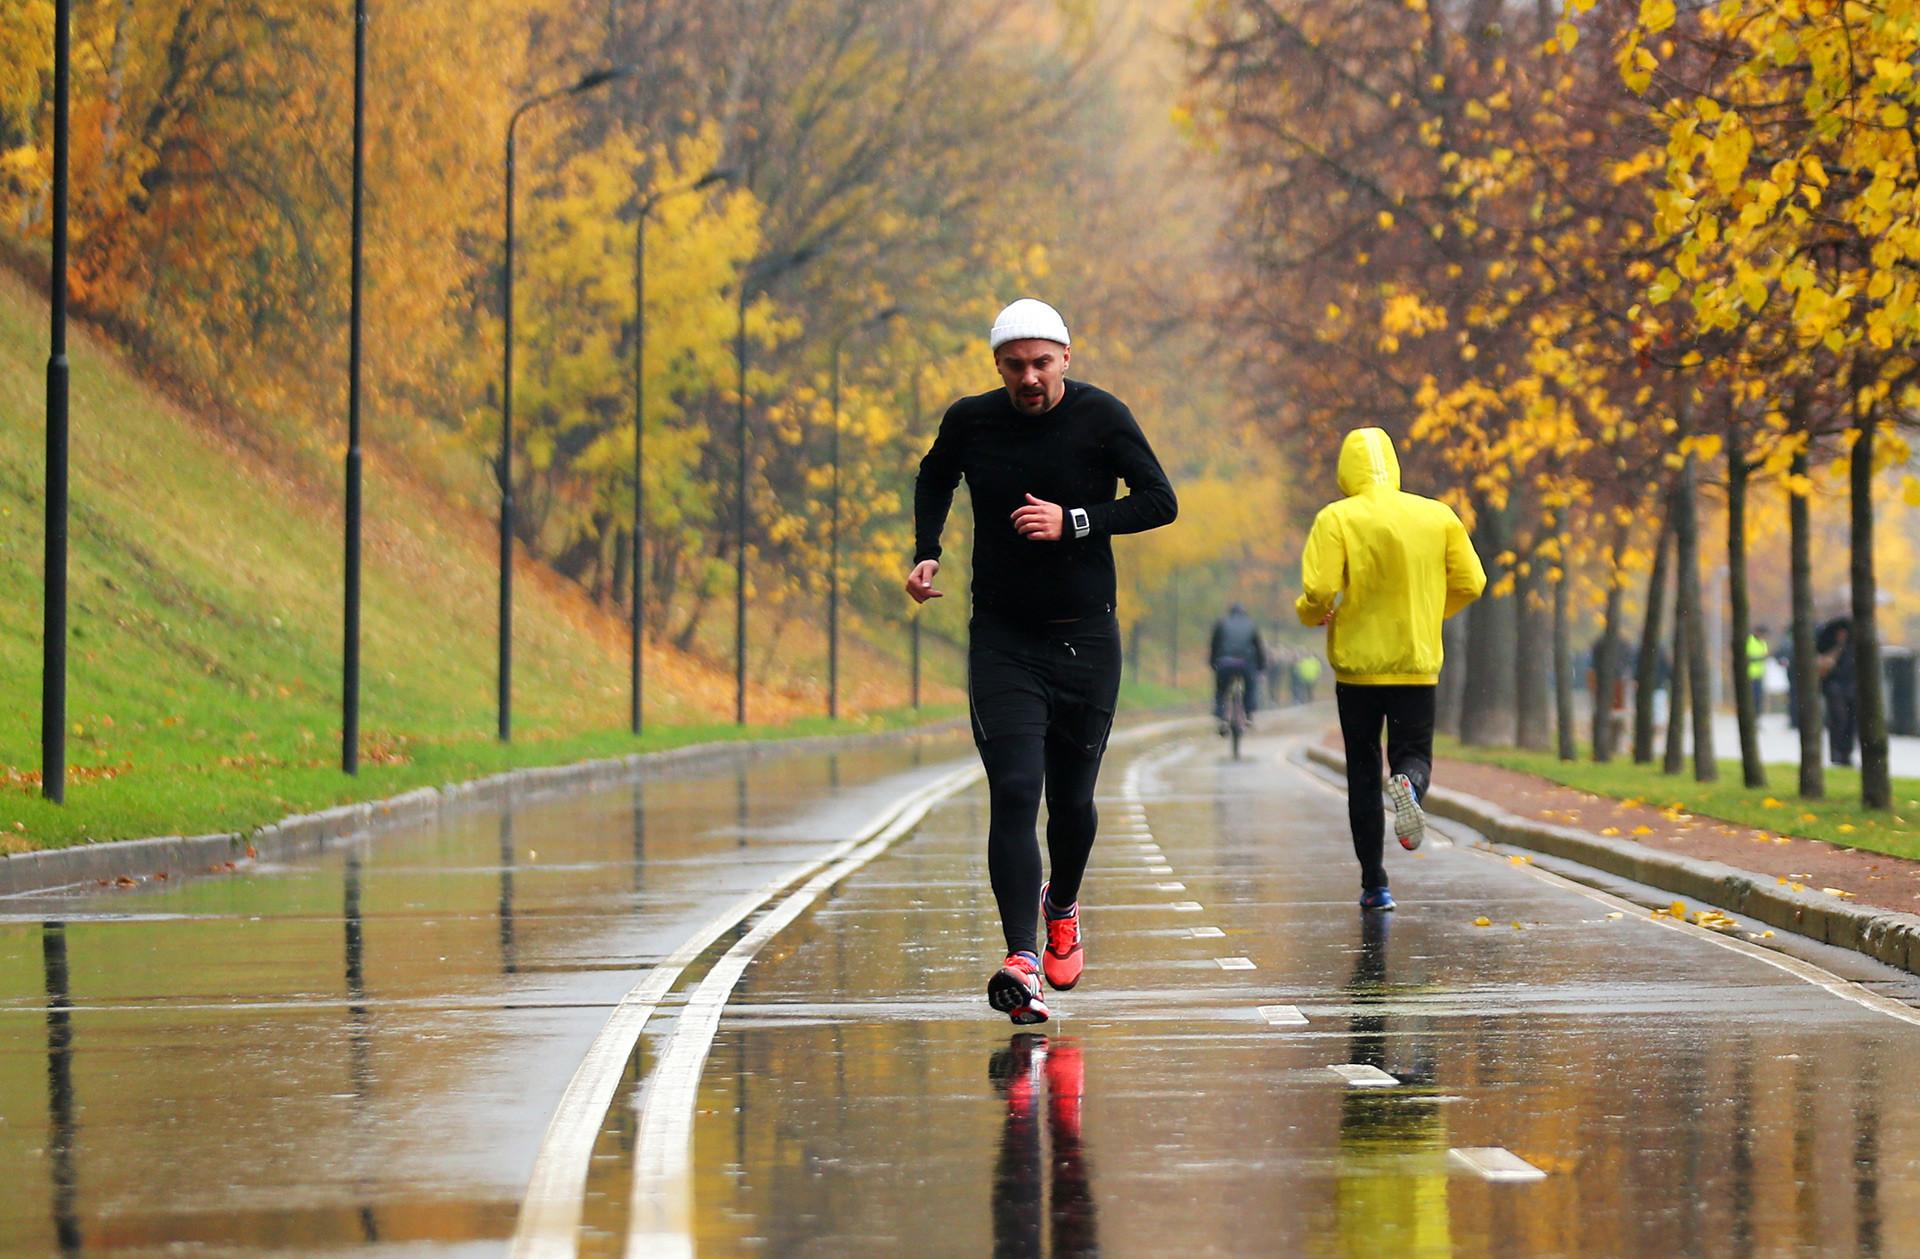 Comienza tu recorrido desde el estadio Luzhnikí y corre a lo largo de la orilla del río.